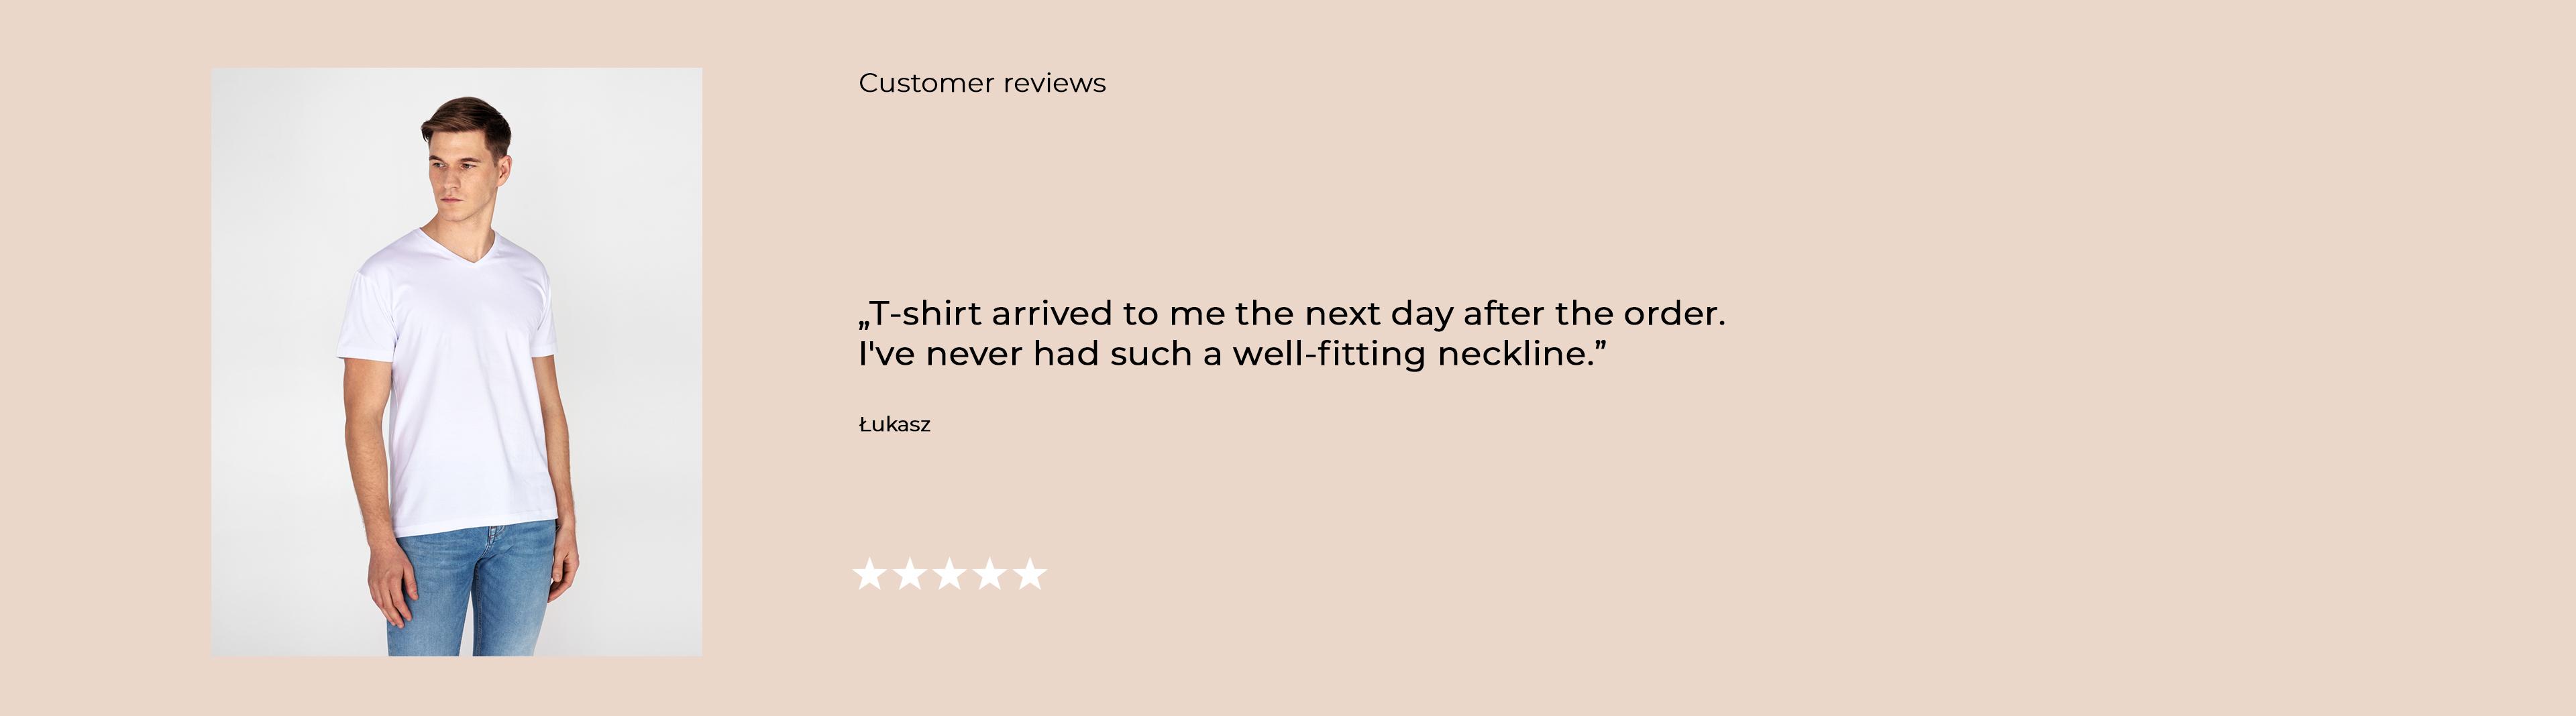 Customer reviews 2